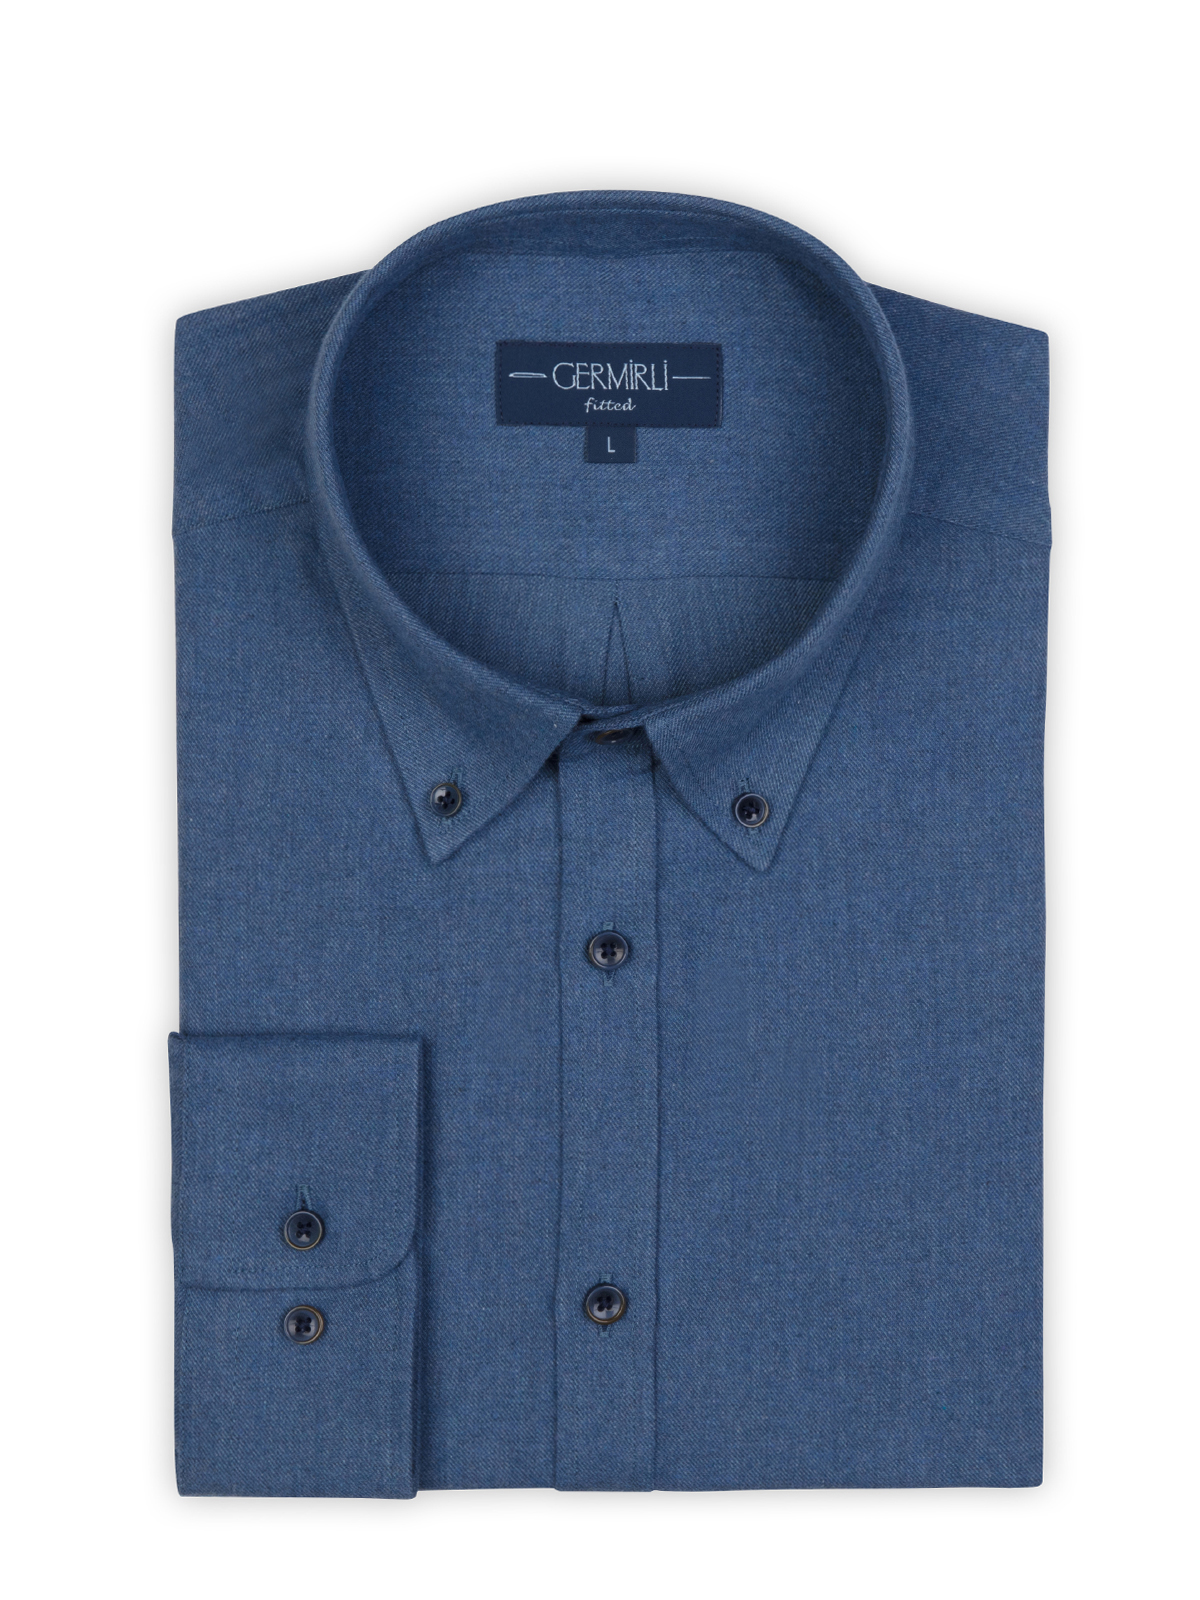 Germirli Havacı Mavi Flanel Düğmeli Yaka Tailor Fit Gömlek